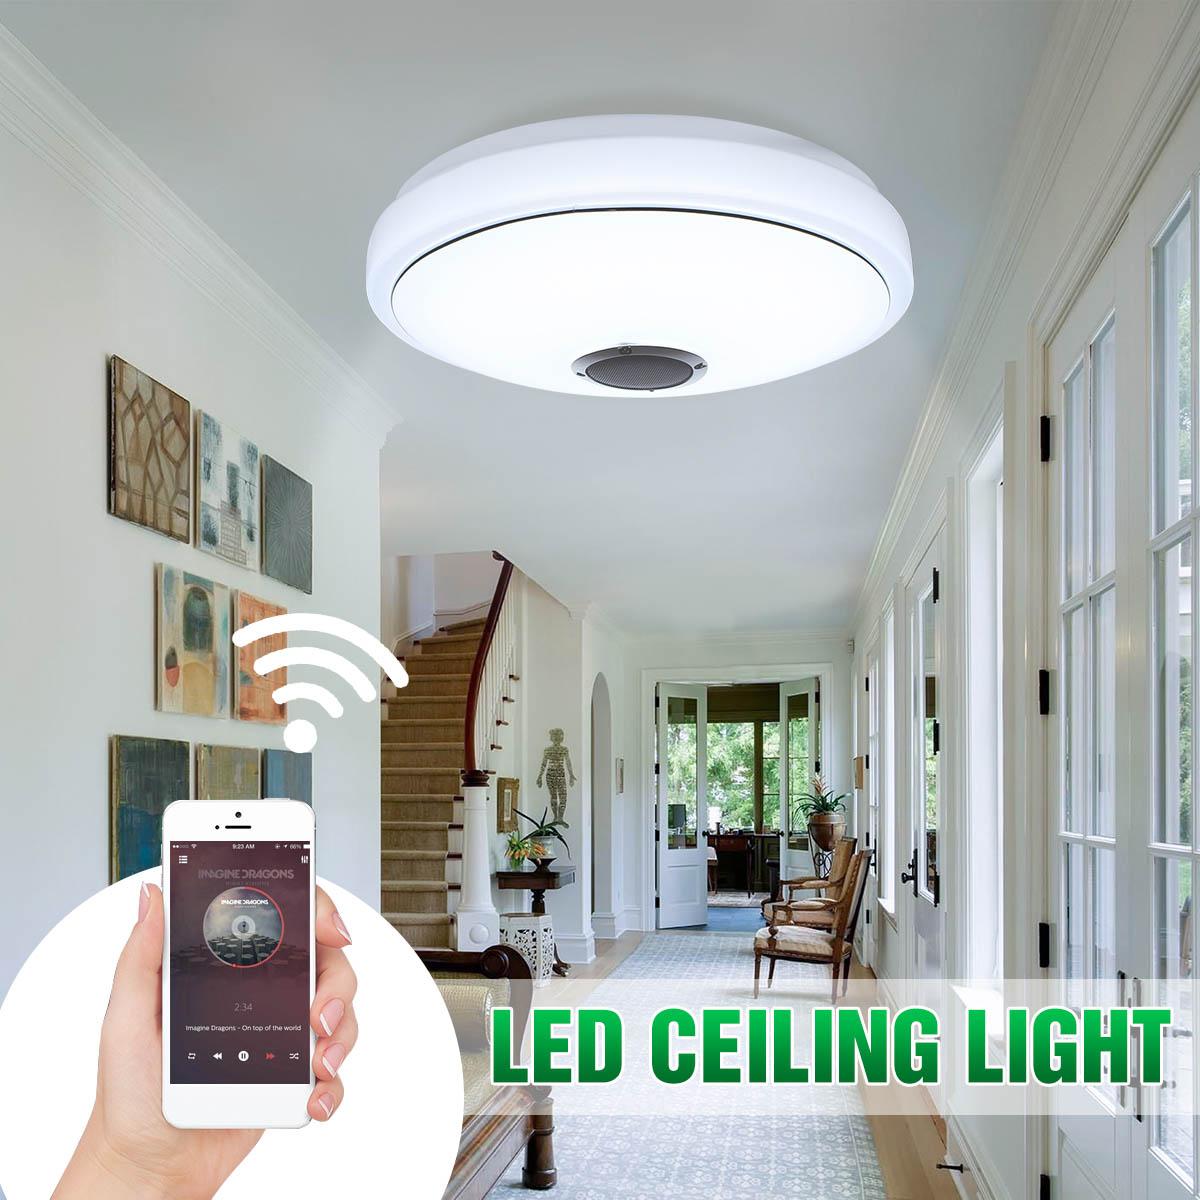 Bluetooth haut-parleur musique lampes plafond moderne à LEDs lumières 48 ampoule APP téléphone télécommande RGB éclairage de plafond haut-parleurs lampe